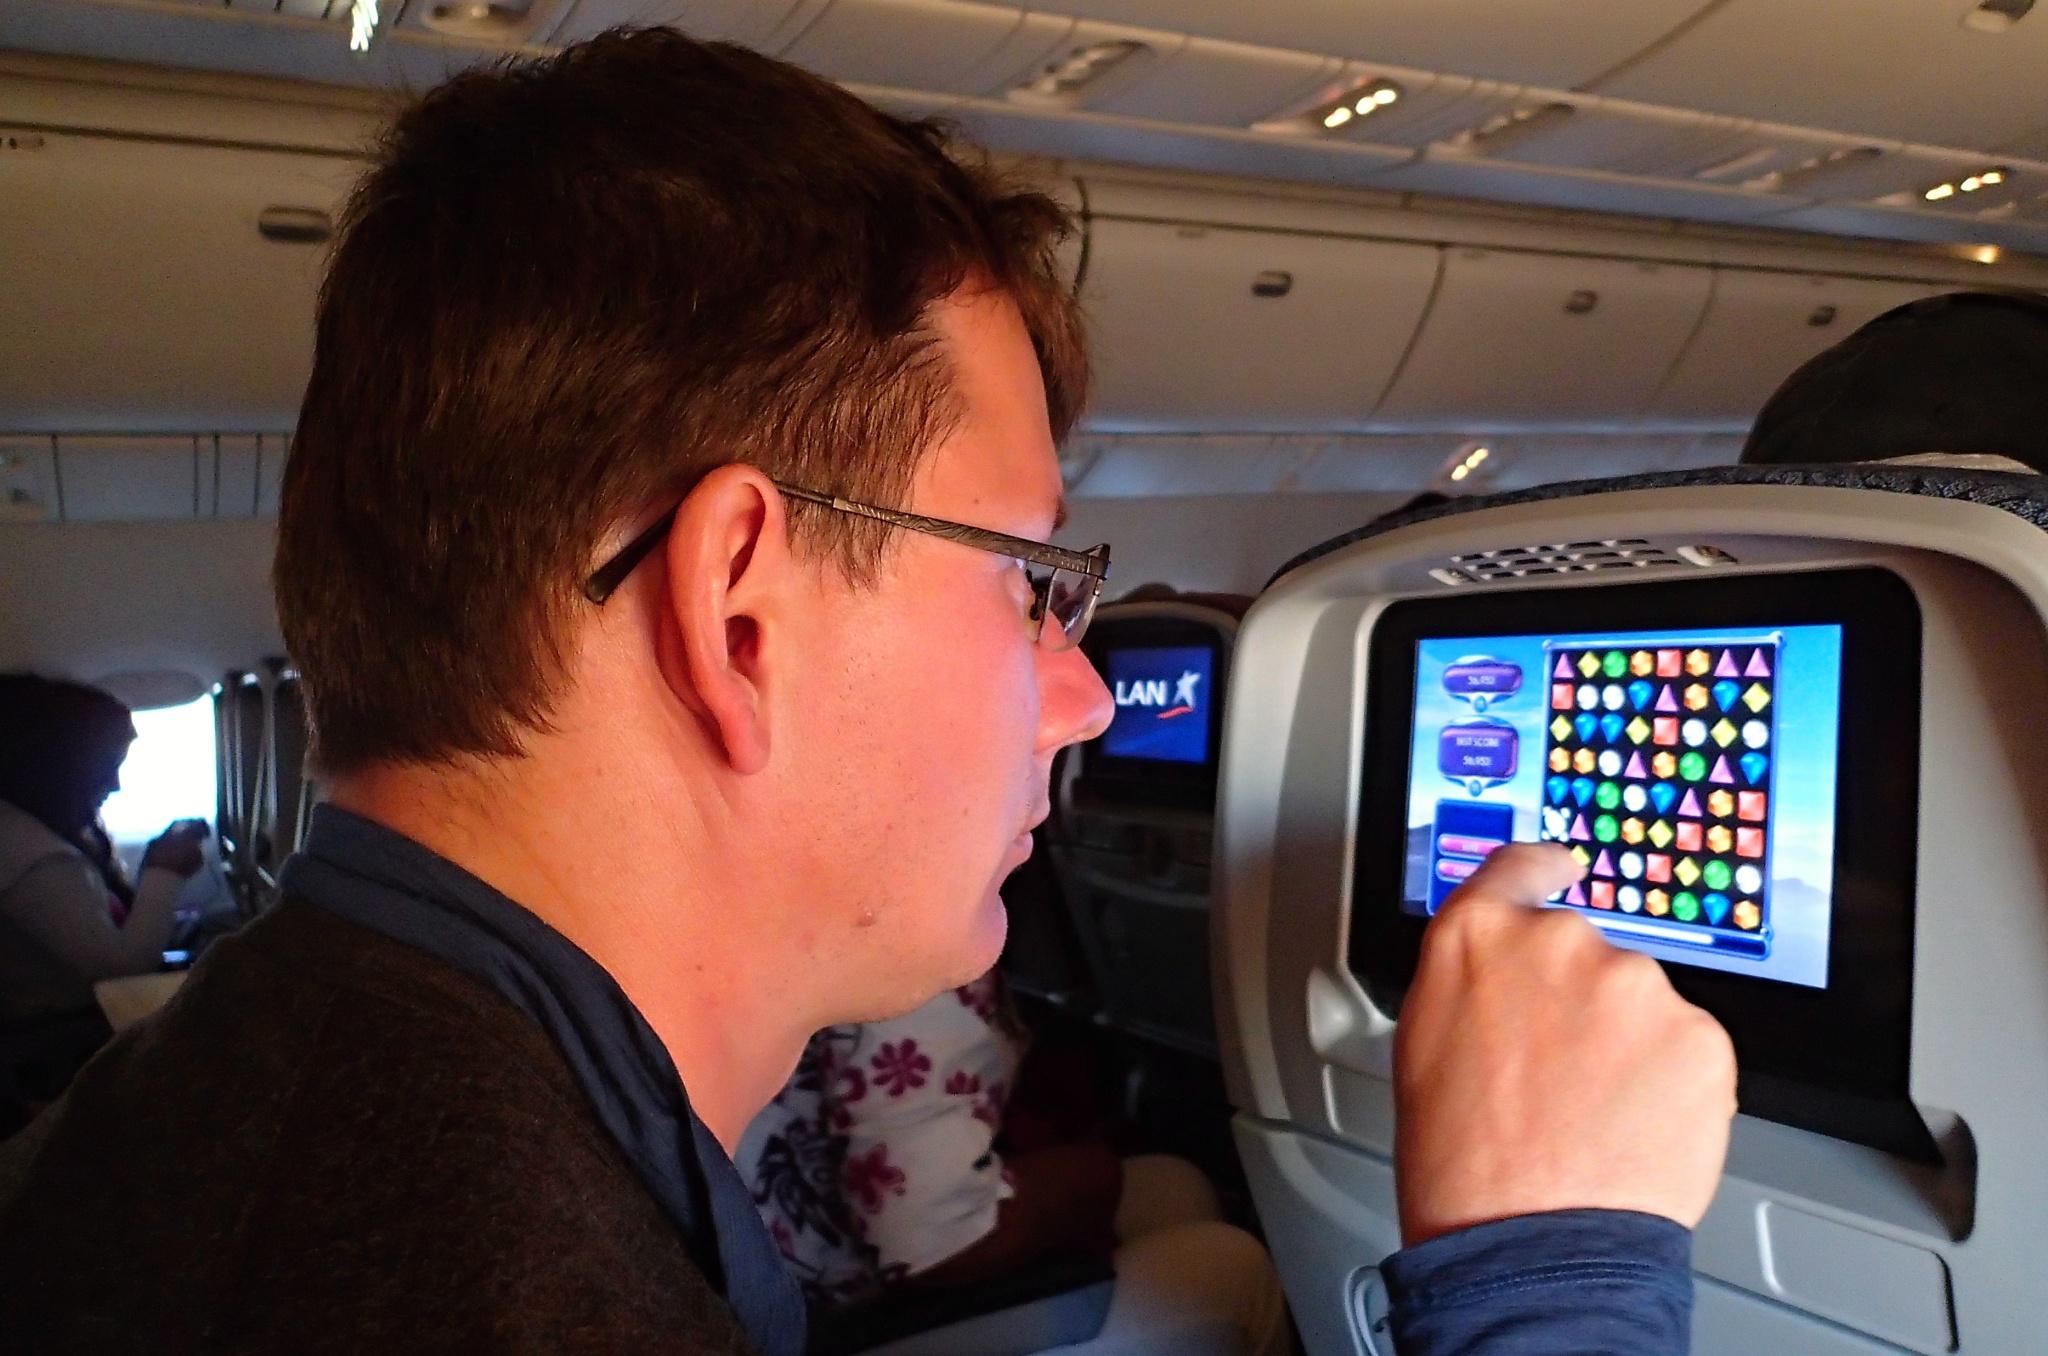 Zábavné centrum bylo v letadle skutečně zábavné, hra Bejeweled je prostě super